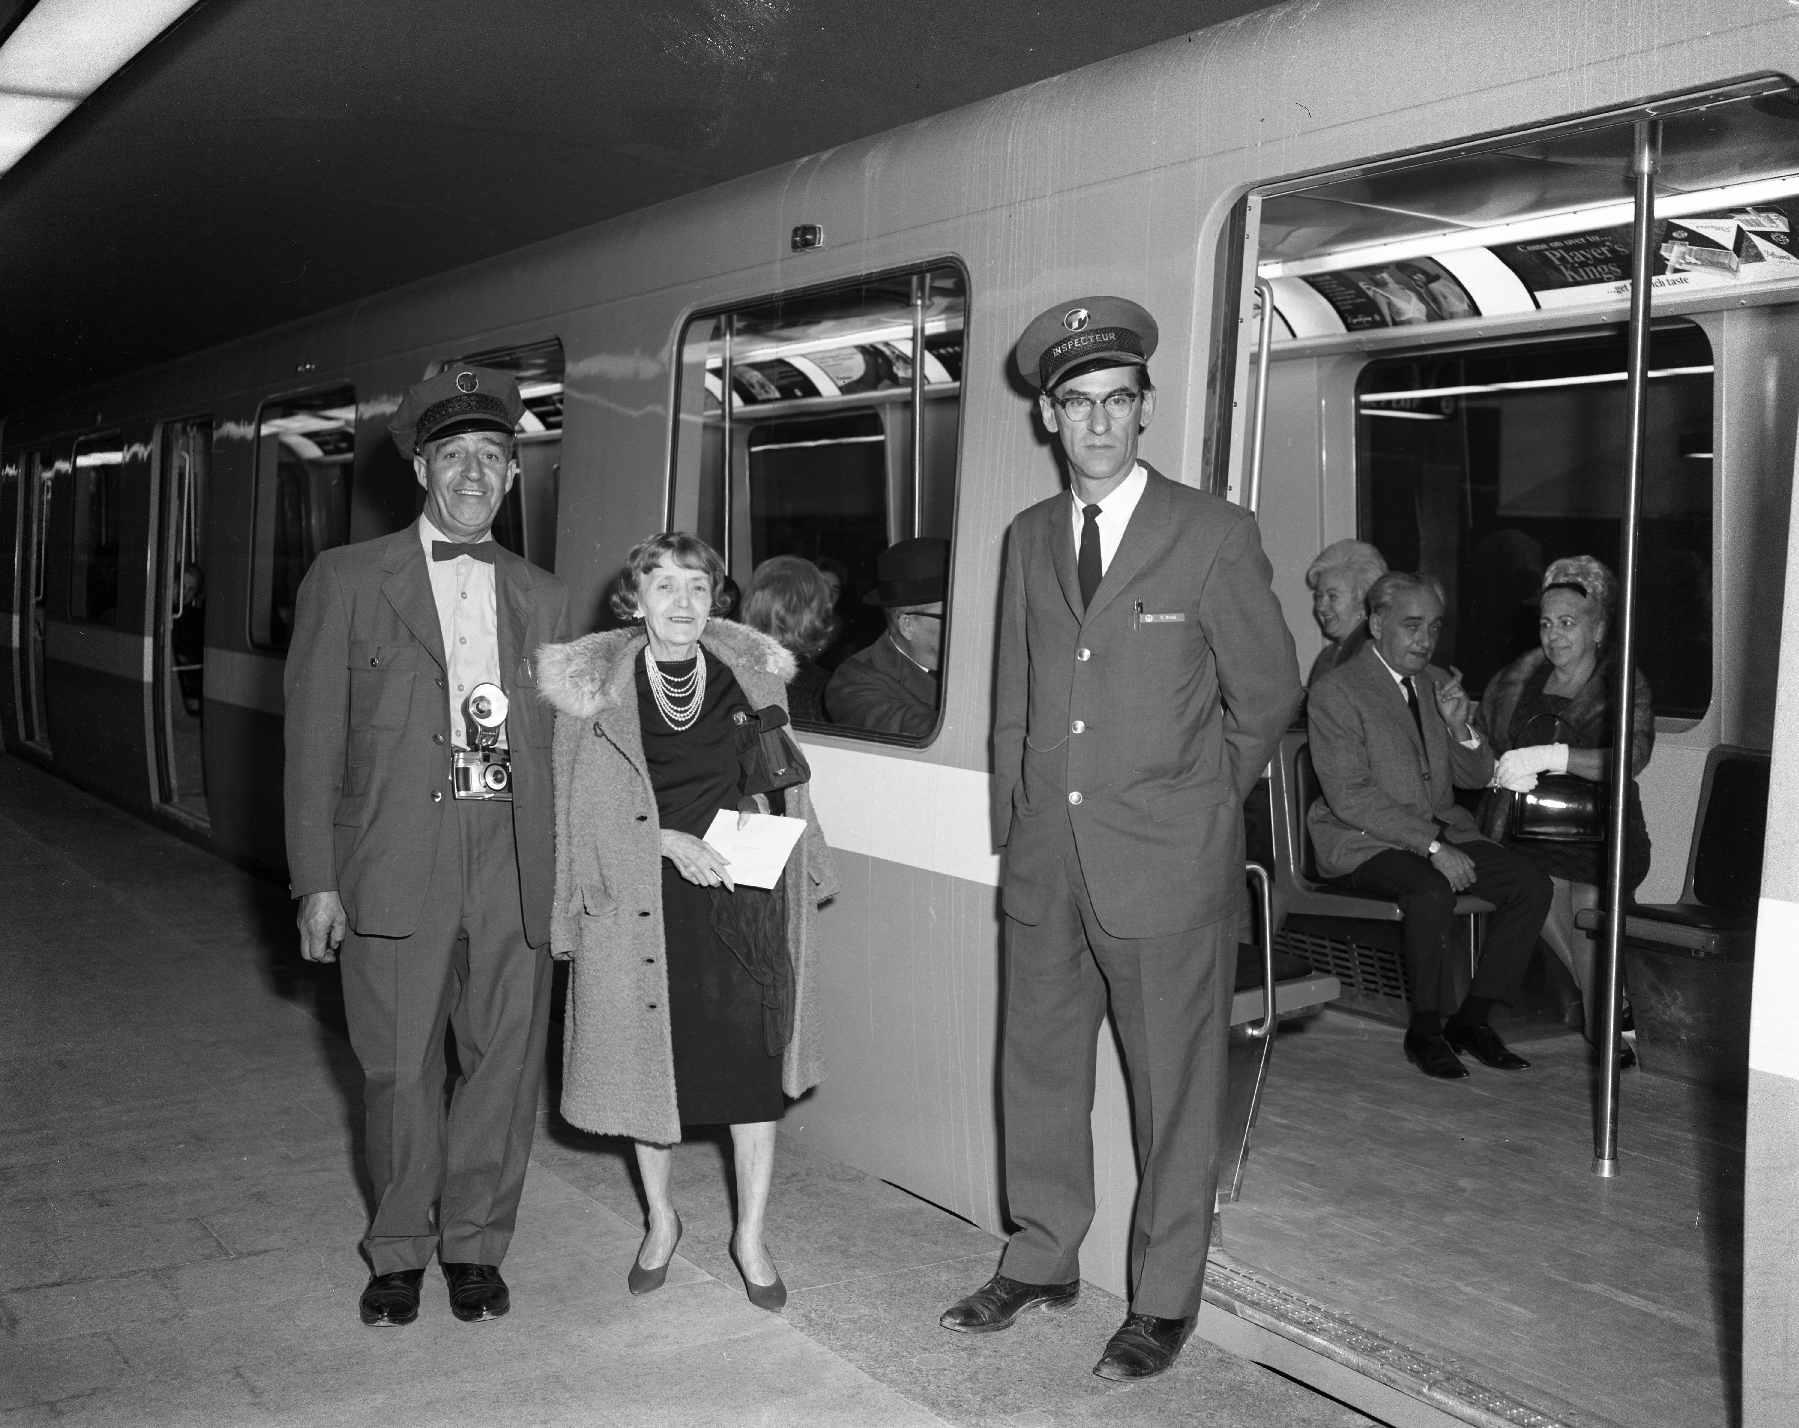 montréal metro, circa 1967